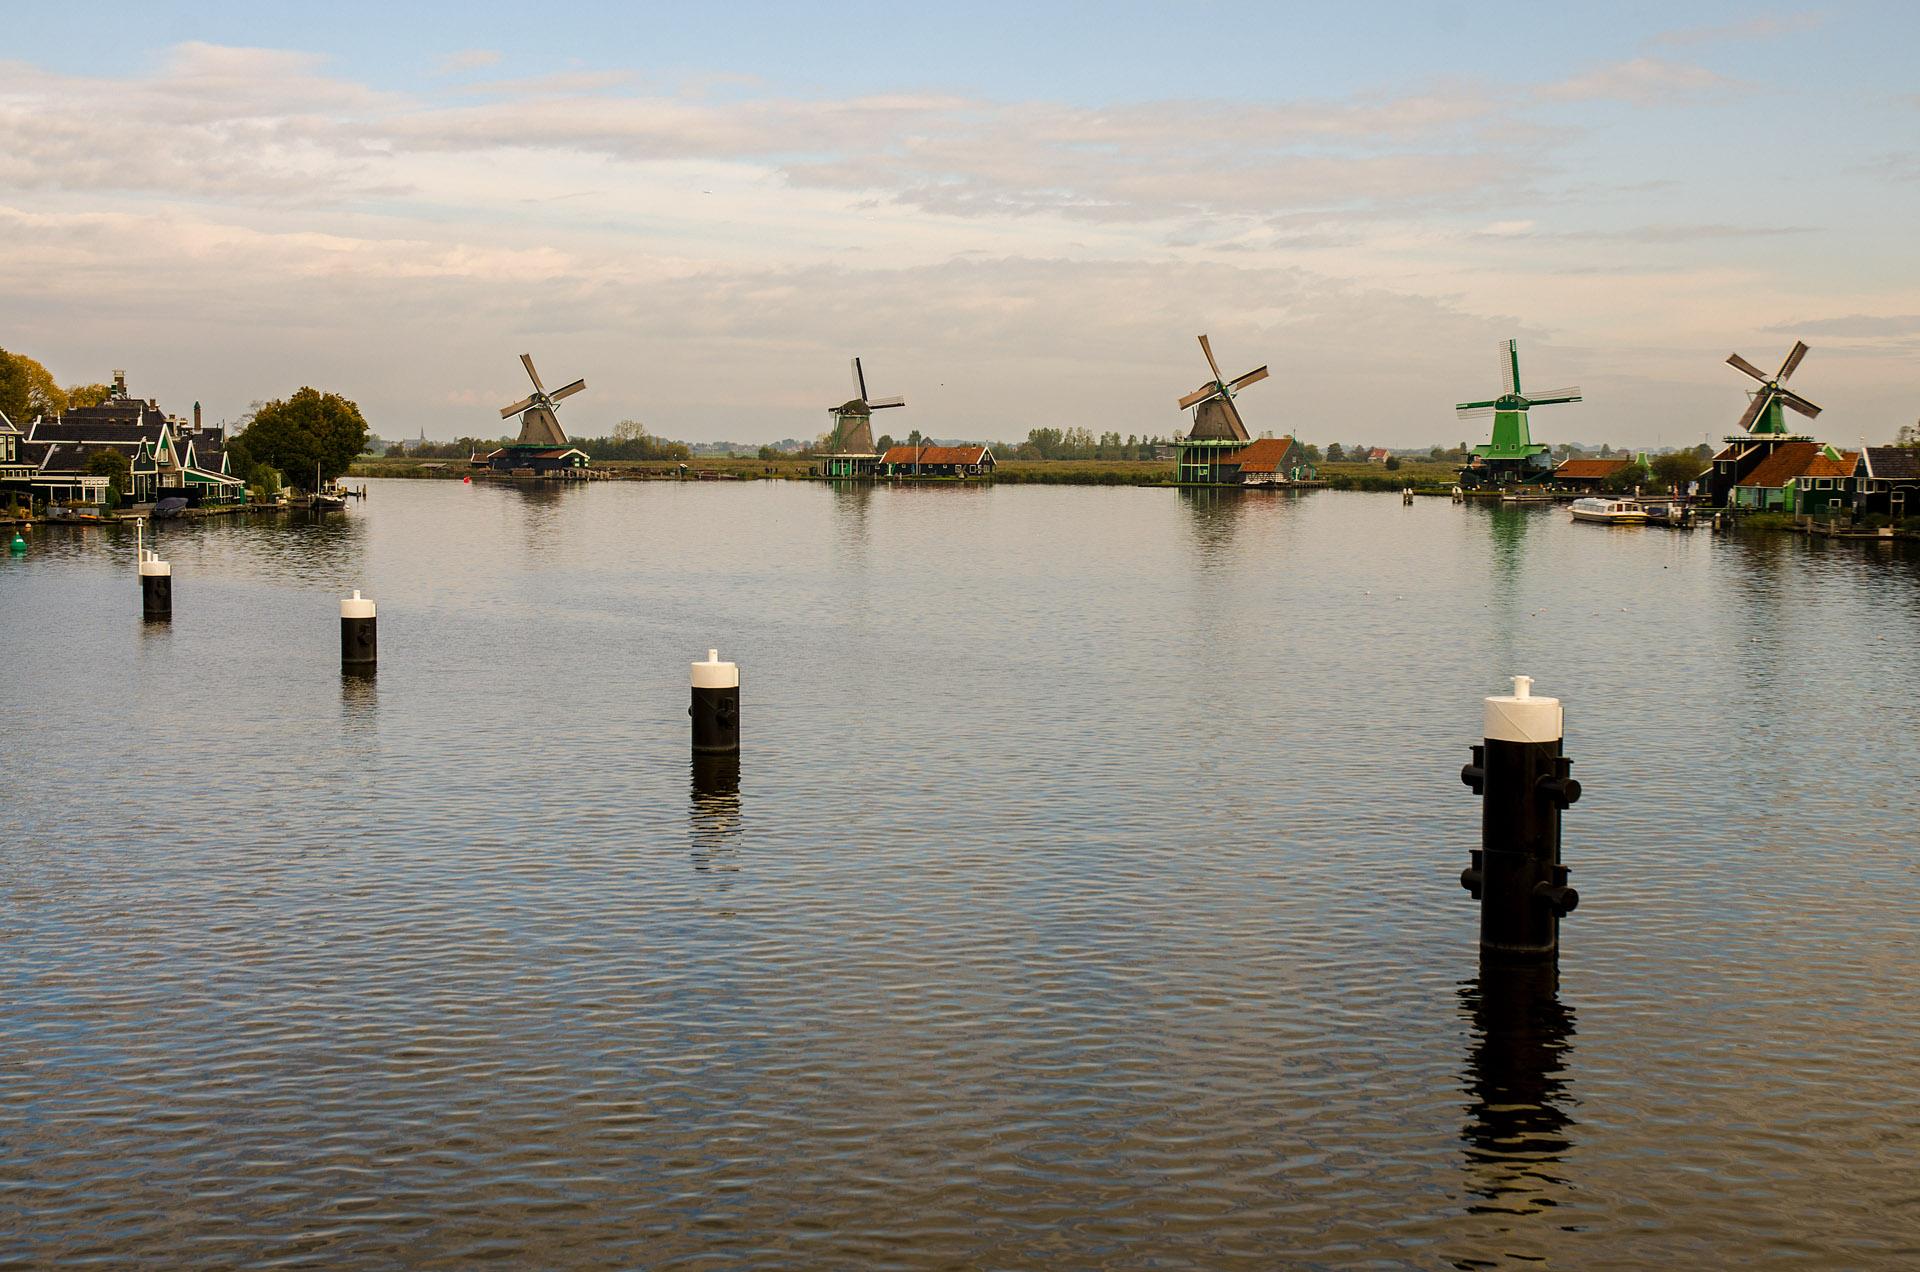 Zaandijk (Zaan River)